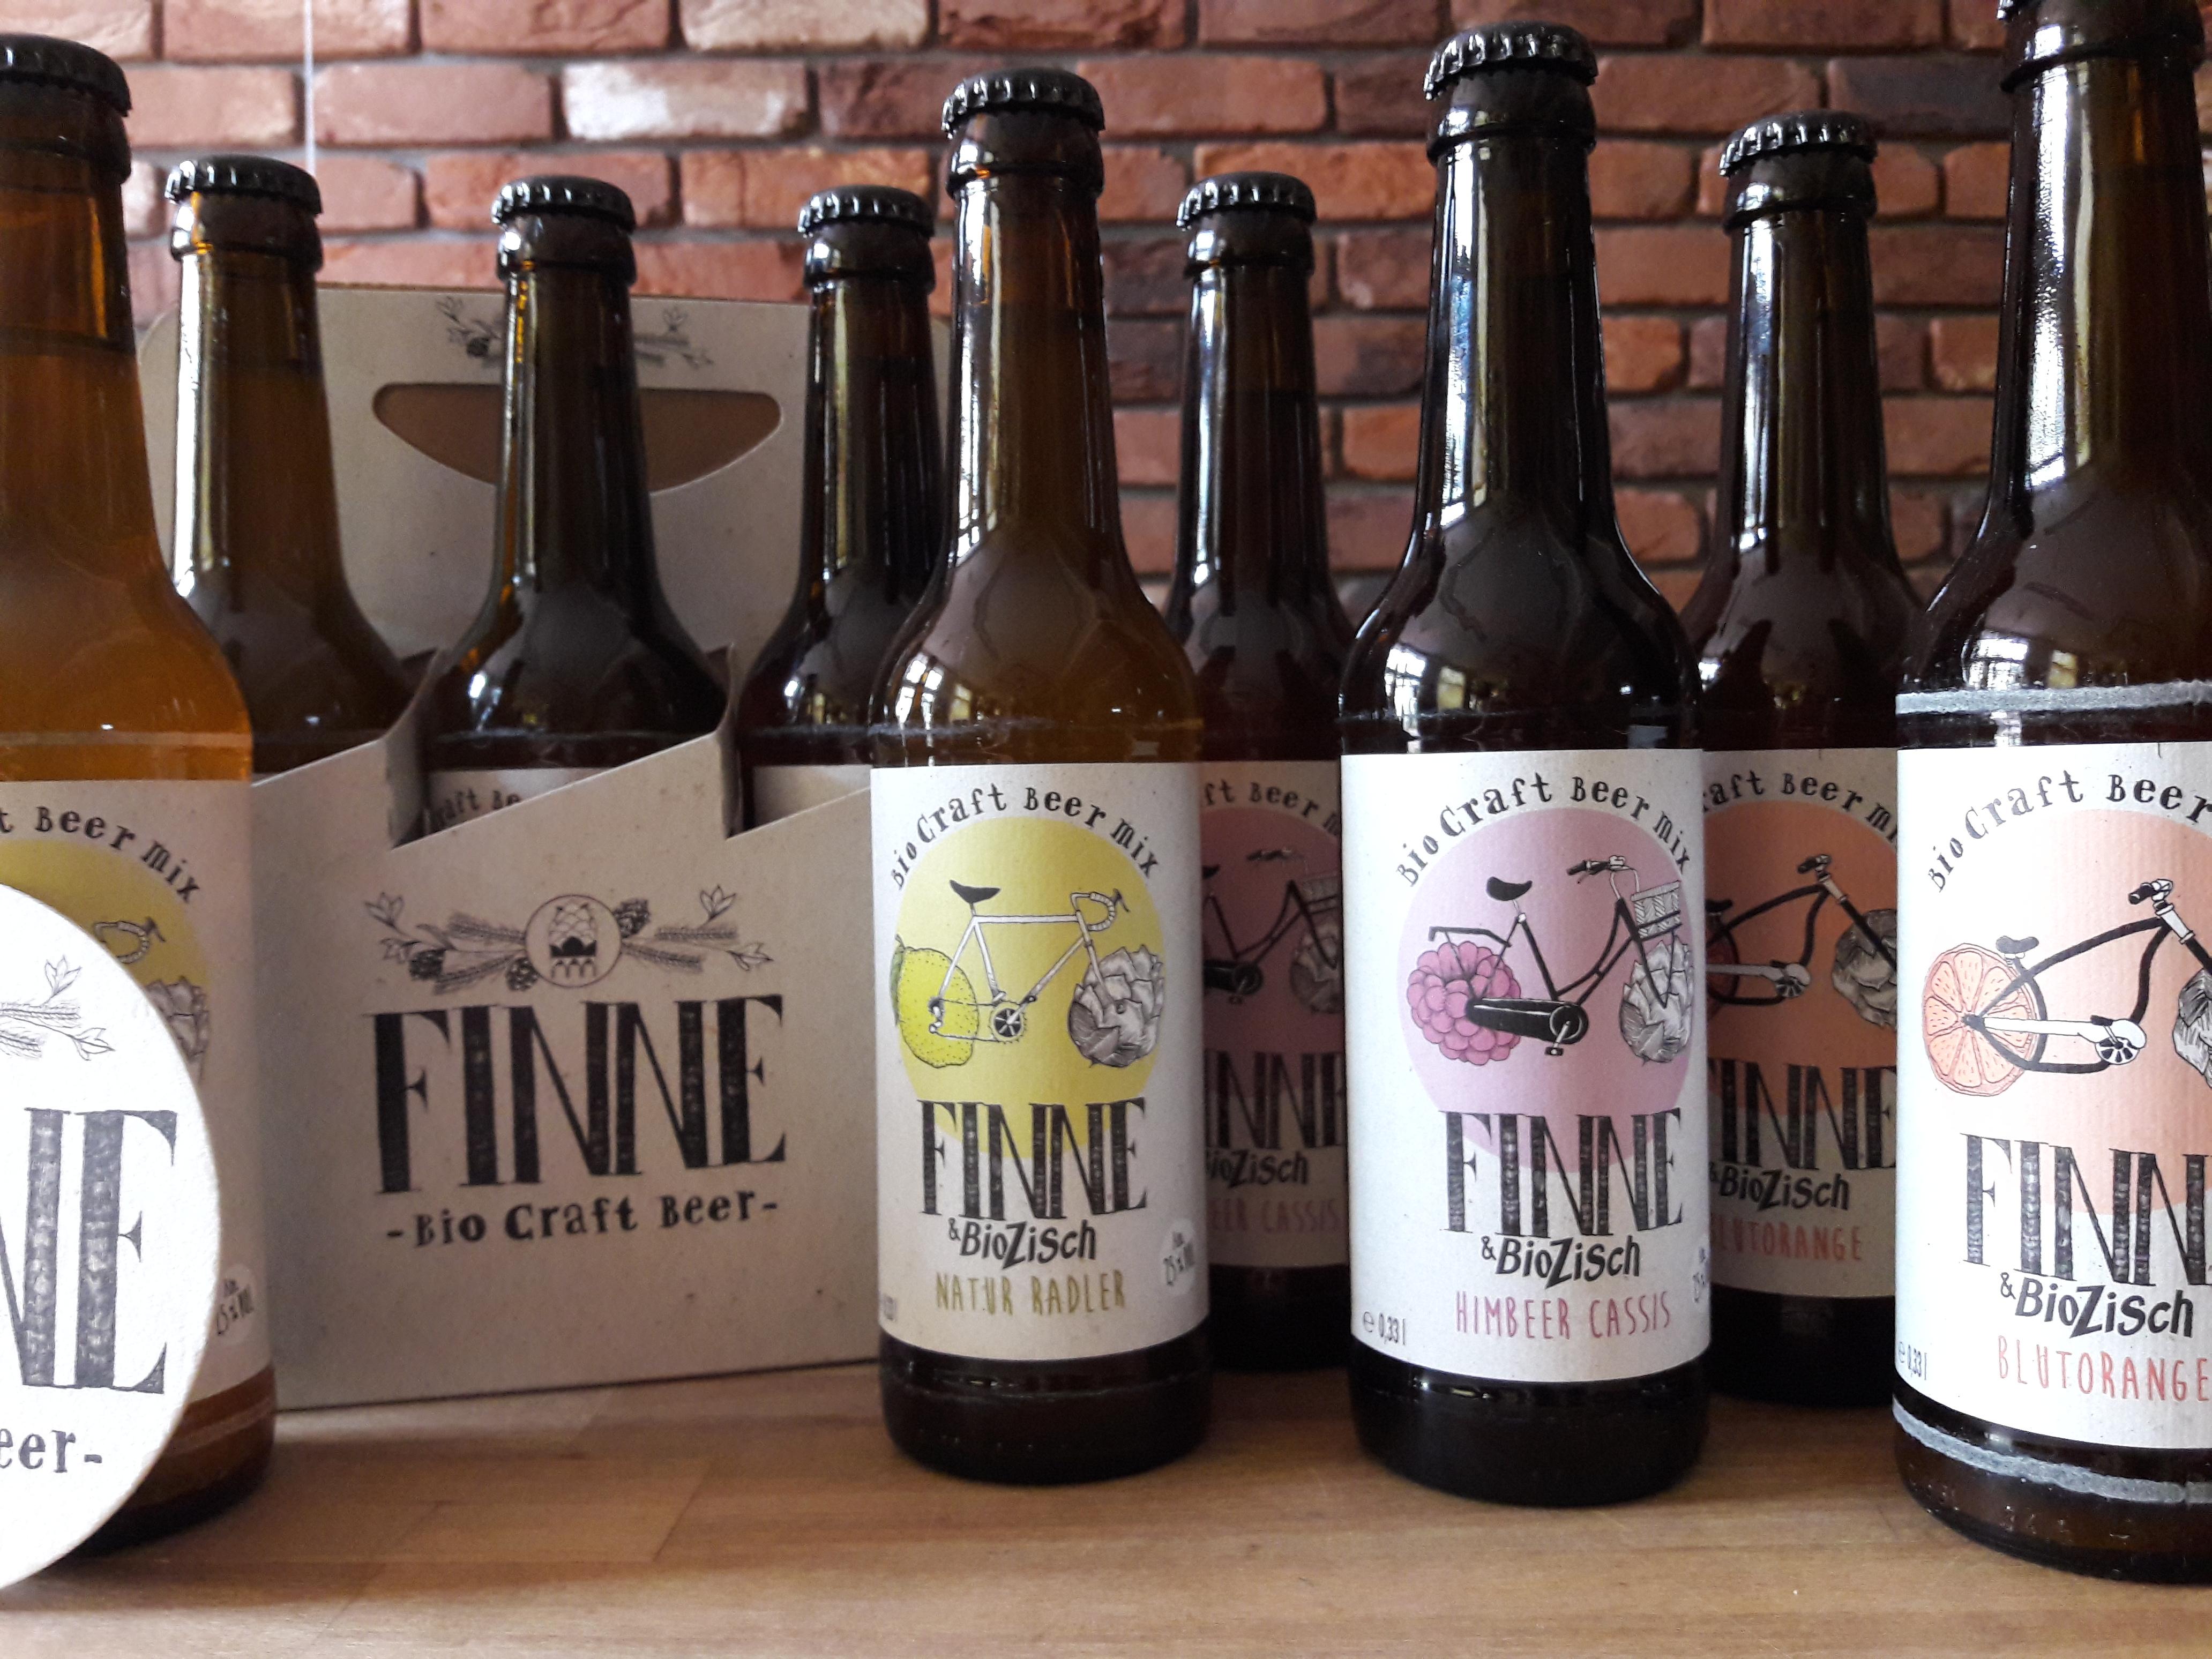 Erfrischend anders! Finne Bio Craft Beer meets  Voelkel BioZisch